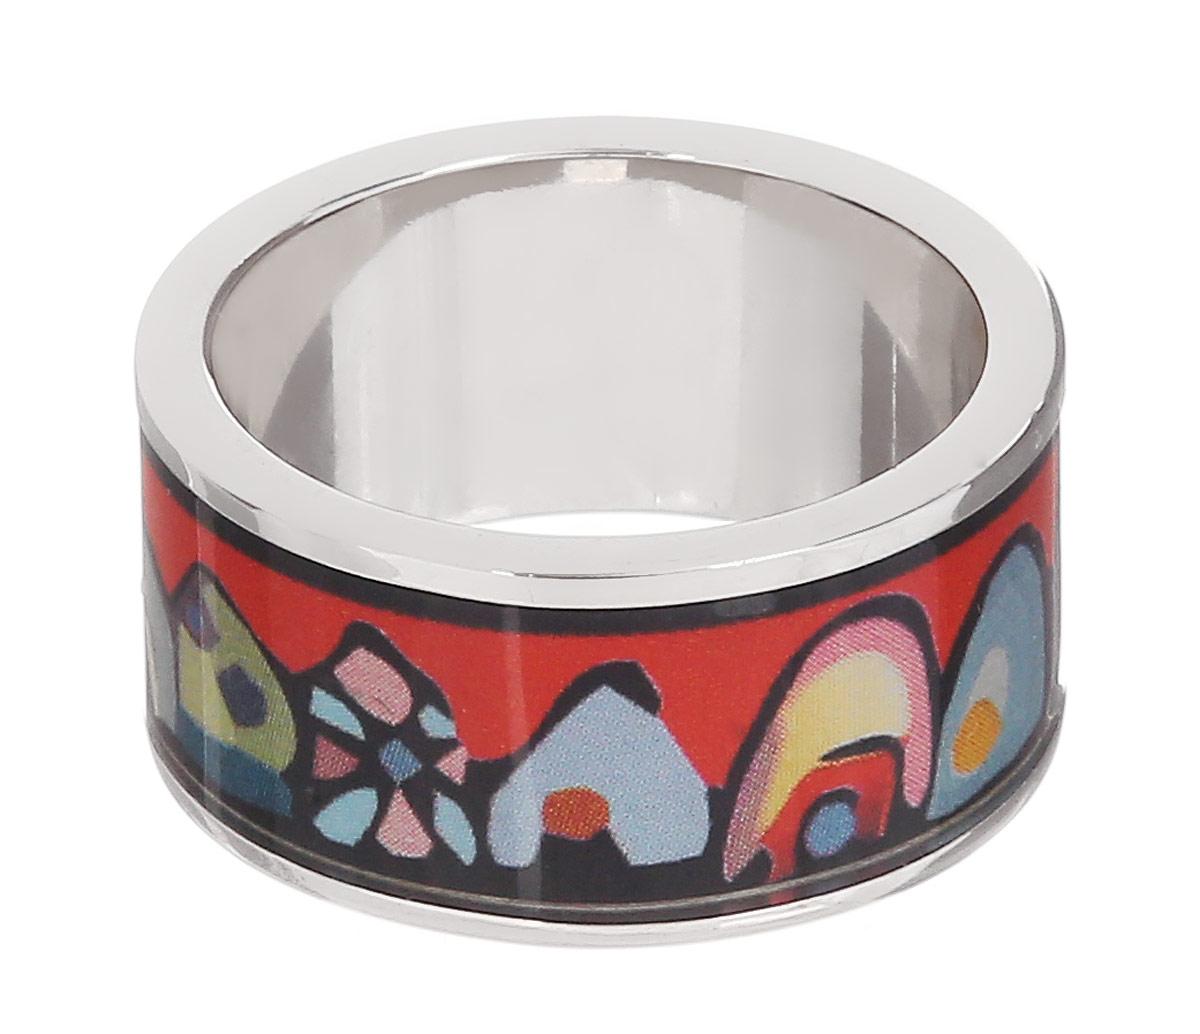 Кольцо Art-Silver, цвет: серебристый, красный, мультиколор. ФК107-1-320. Размер 18,5ФК107-1-320Великолепное кольцо Art-Silver изготовлено из бижутерного сплава. Изделие с покрытием из эмали оформлено изображением забавных домиков. Стильное кольцо придаст вашему образу изюминку и подчеркнет индивидуальность.